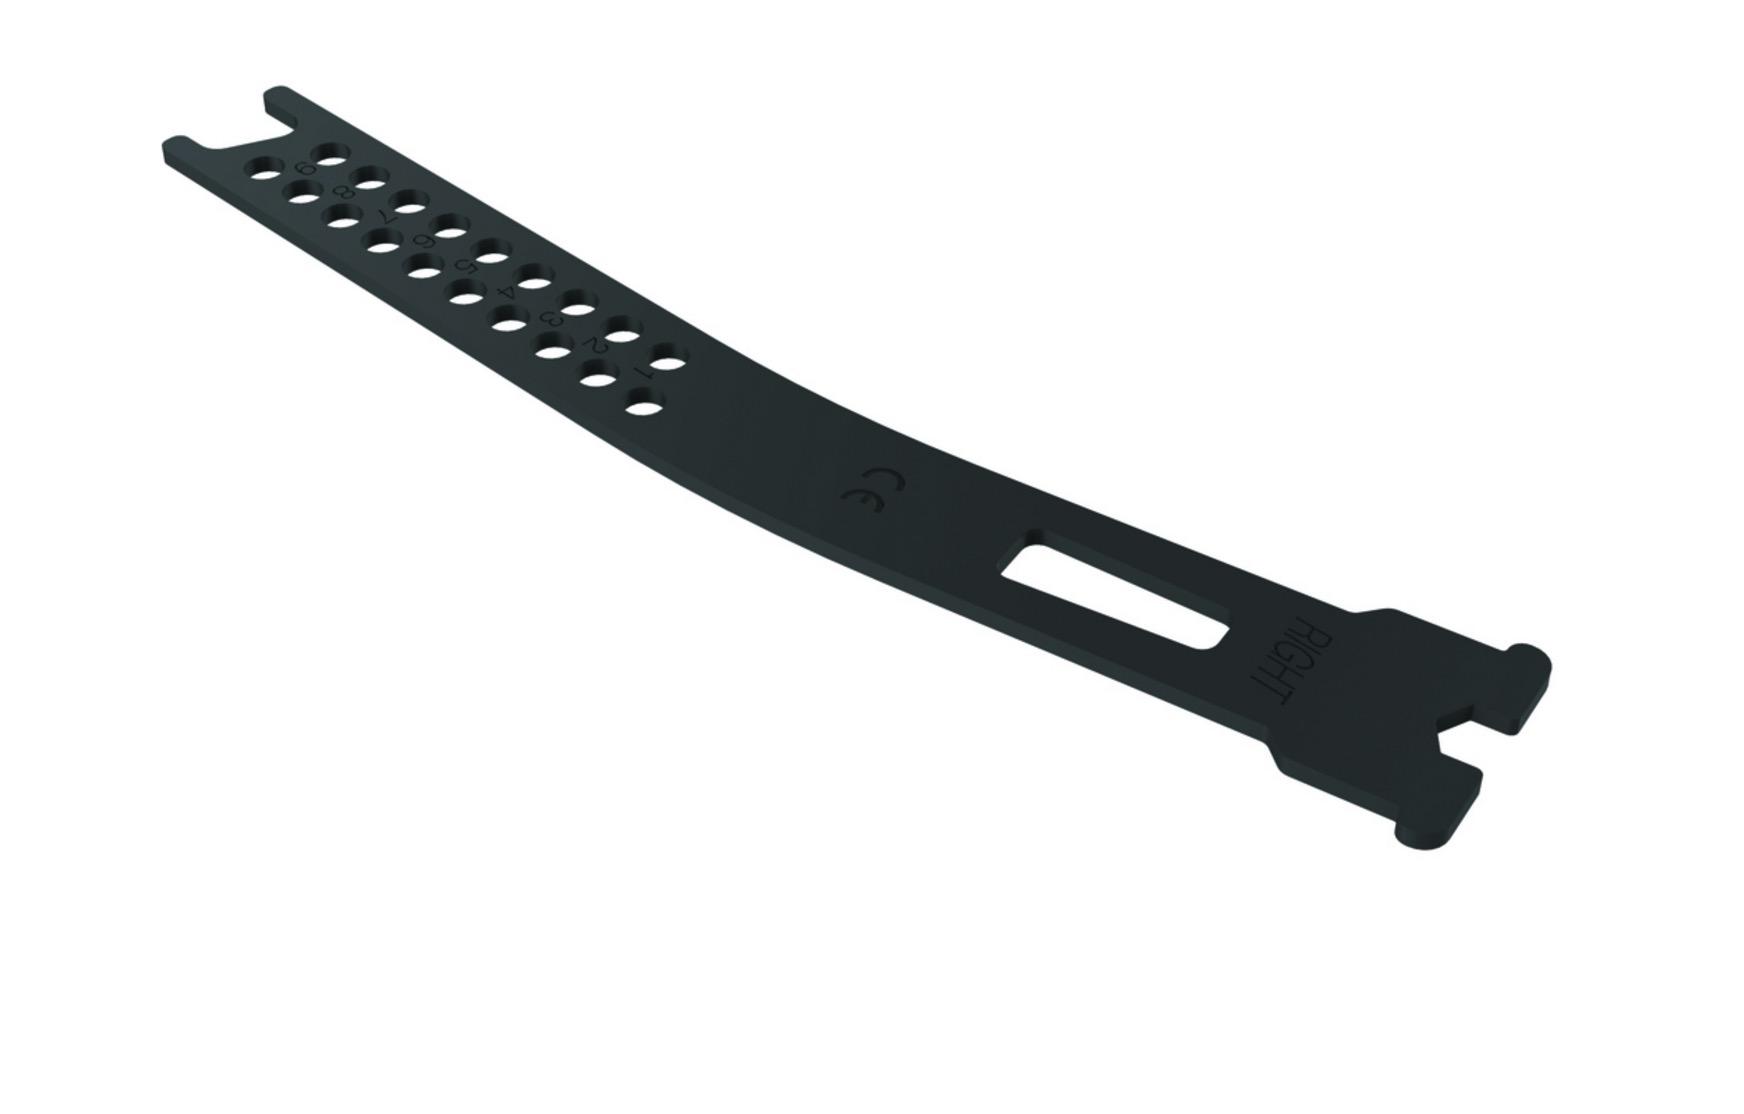 Petzl - Flex - flexiblere Verbindung  kompatibel mit den Steigeisen Irvis, Vasak und Sarken